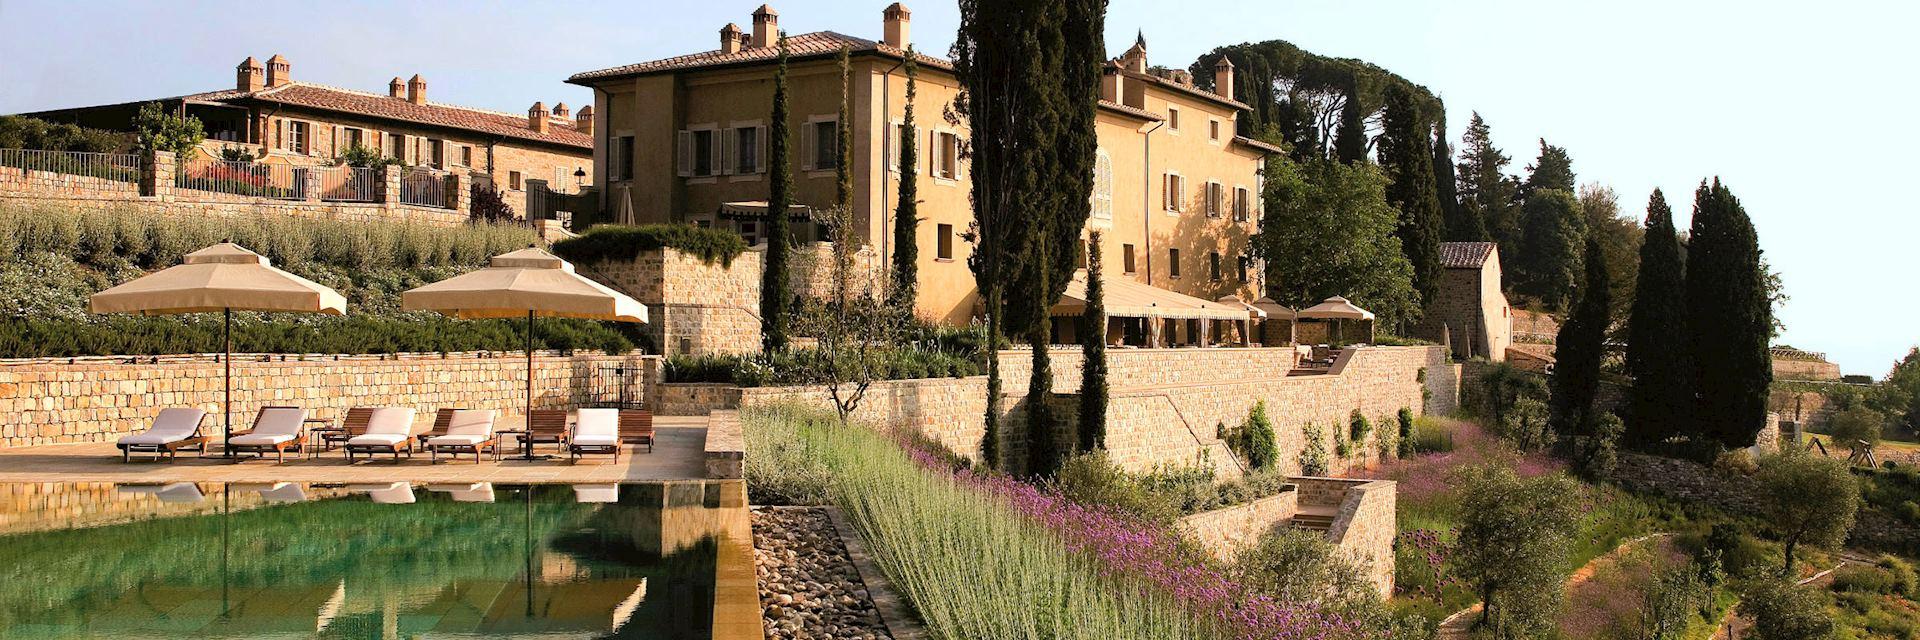 Rosewood Castiglion del Bosco, Montalcino